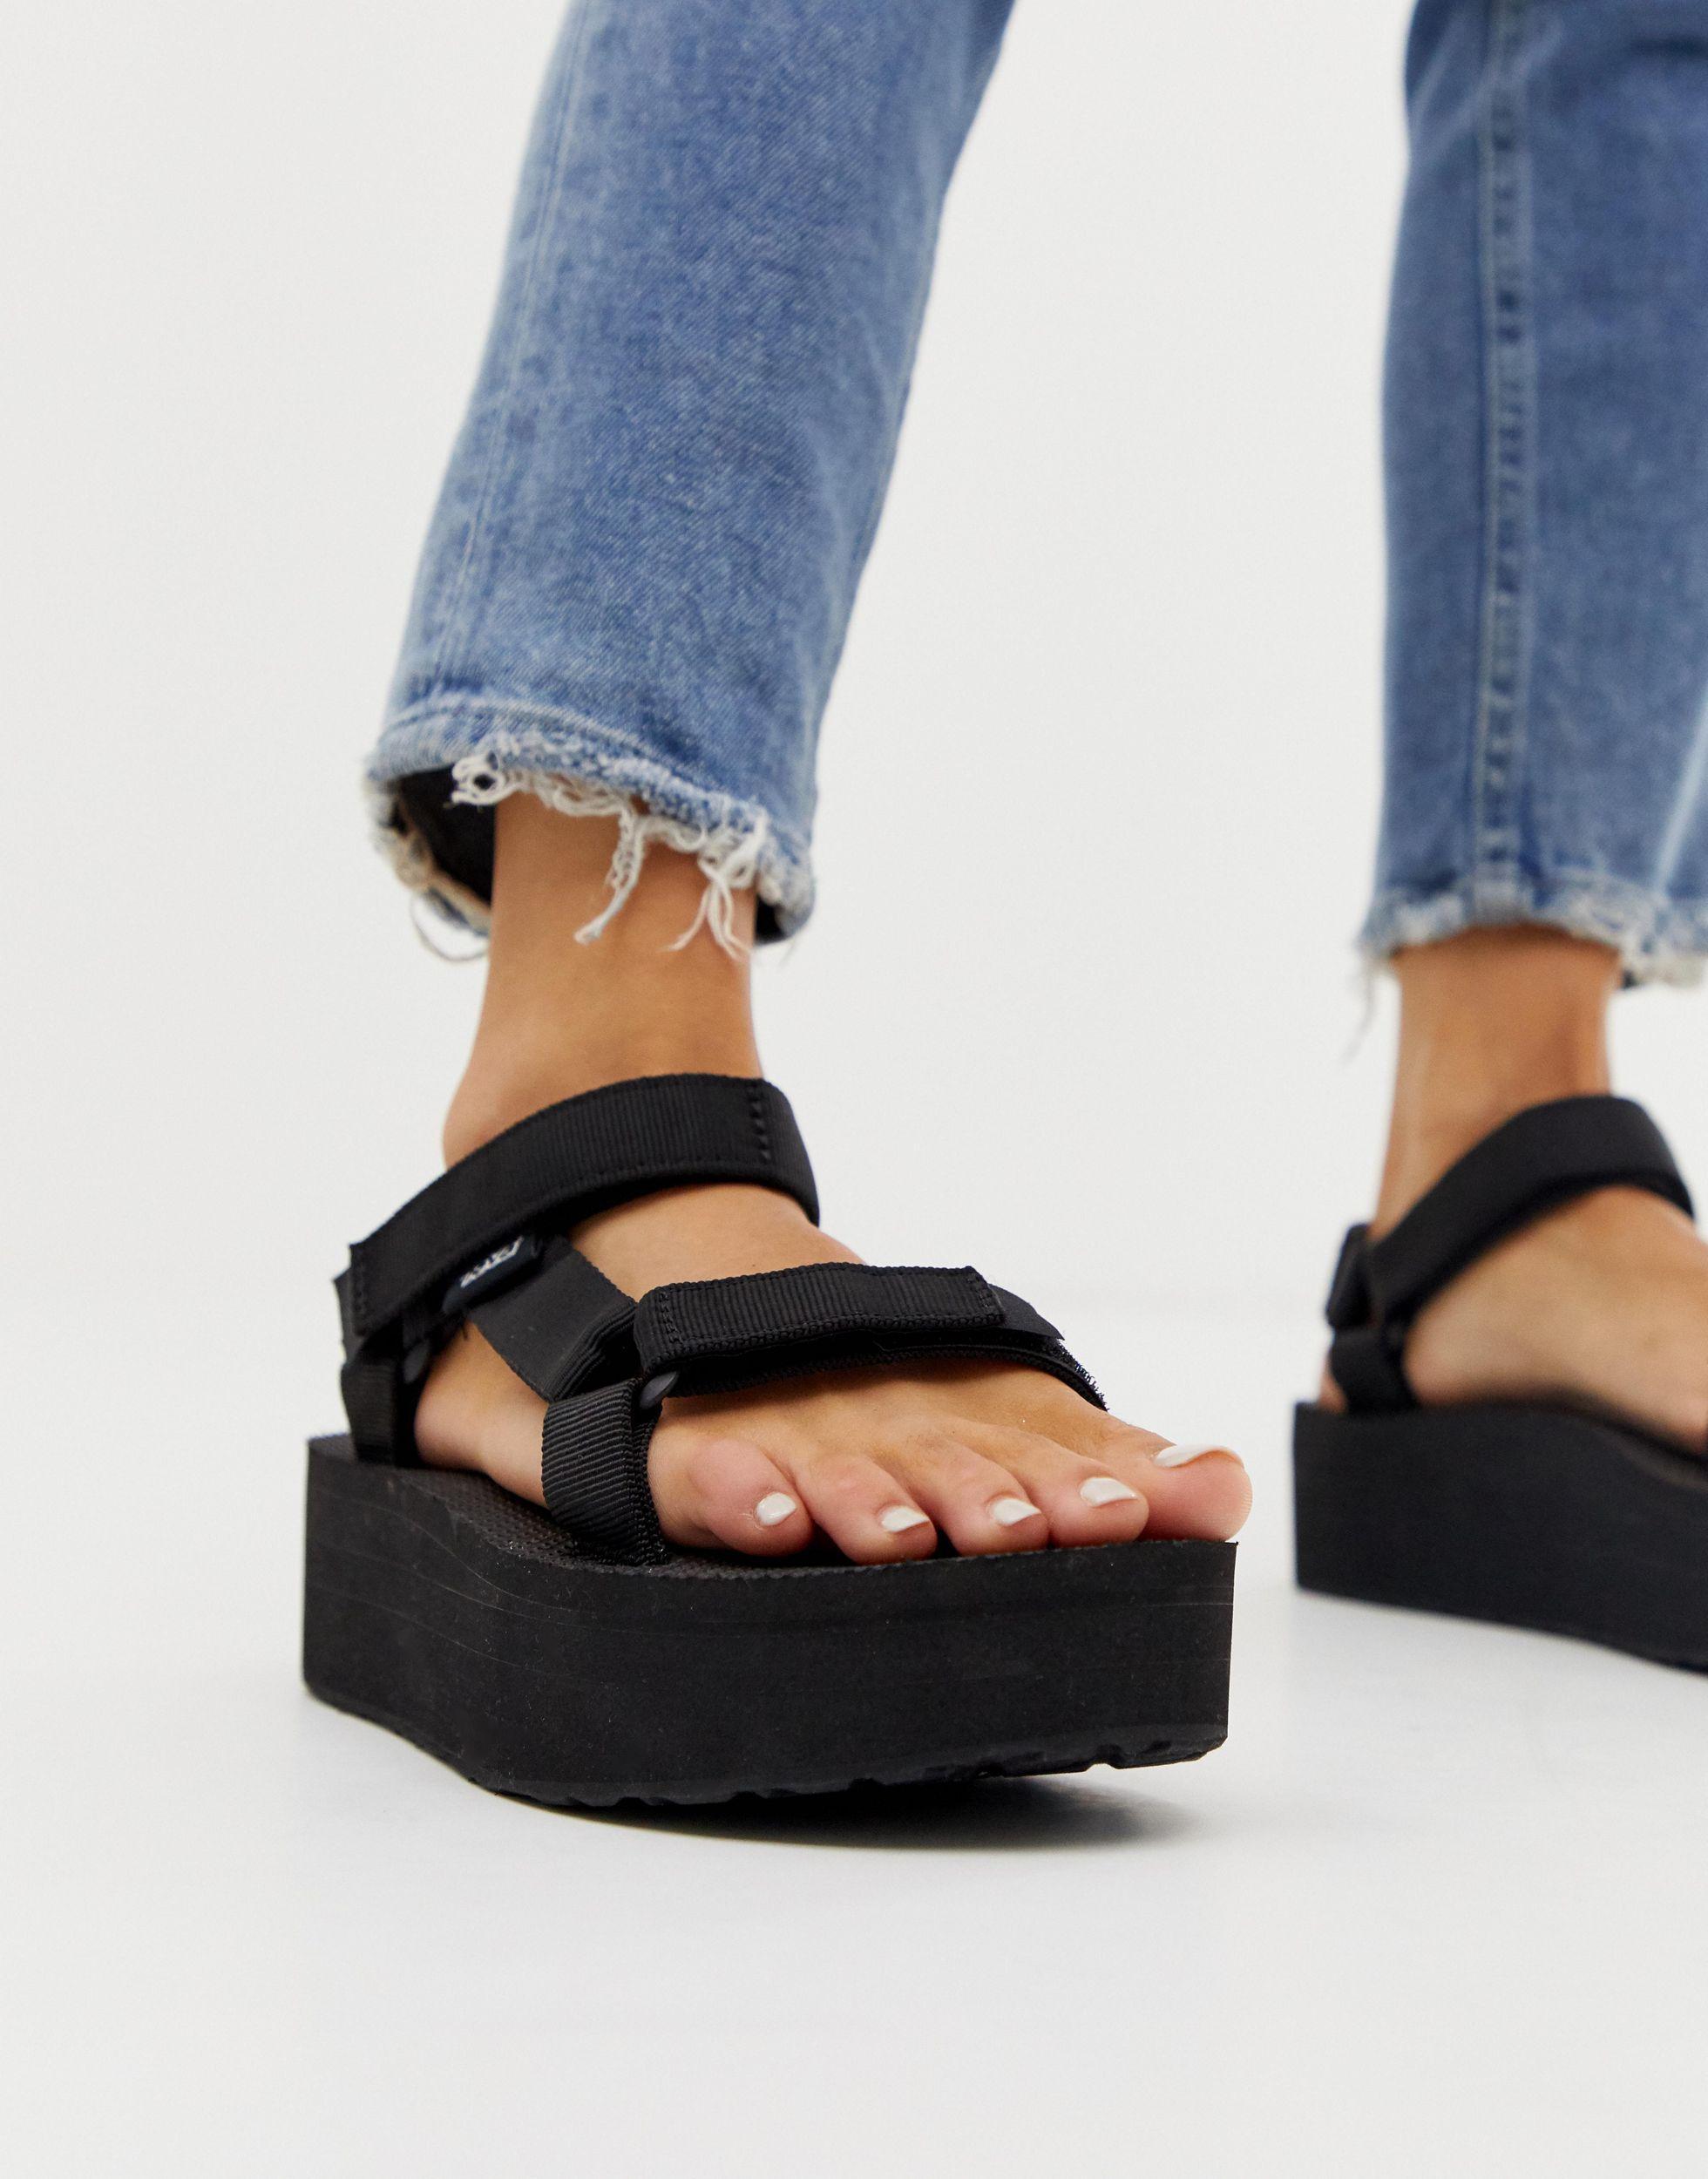 Sandalias gruesas con plataforma plana en negro.